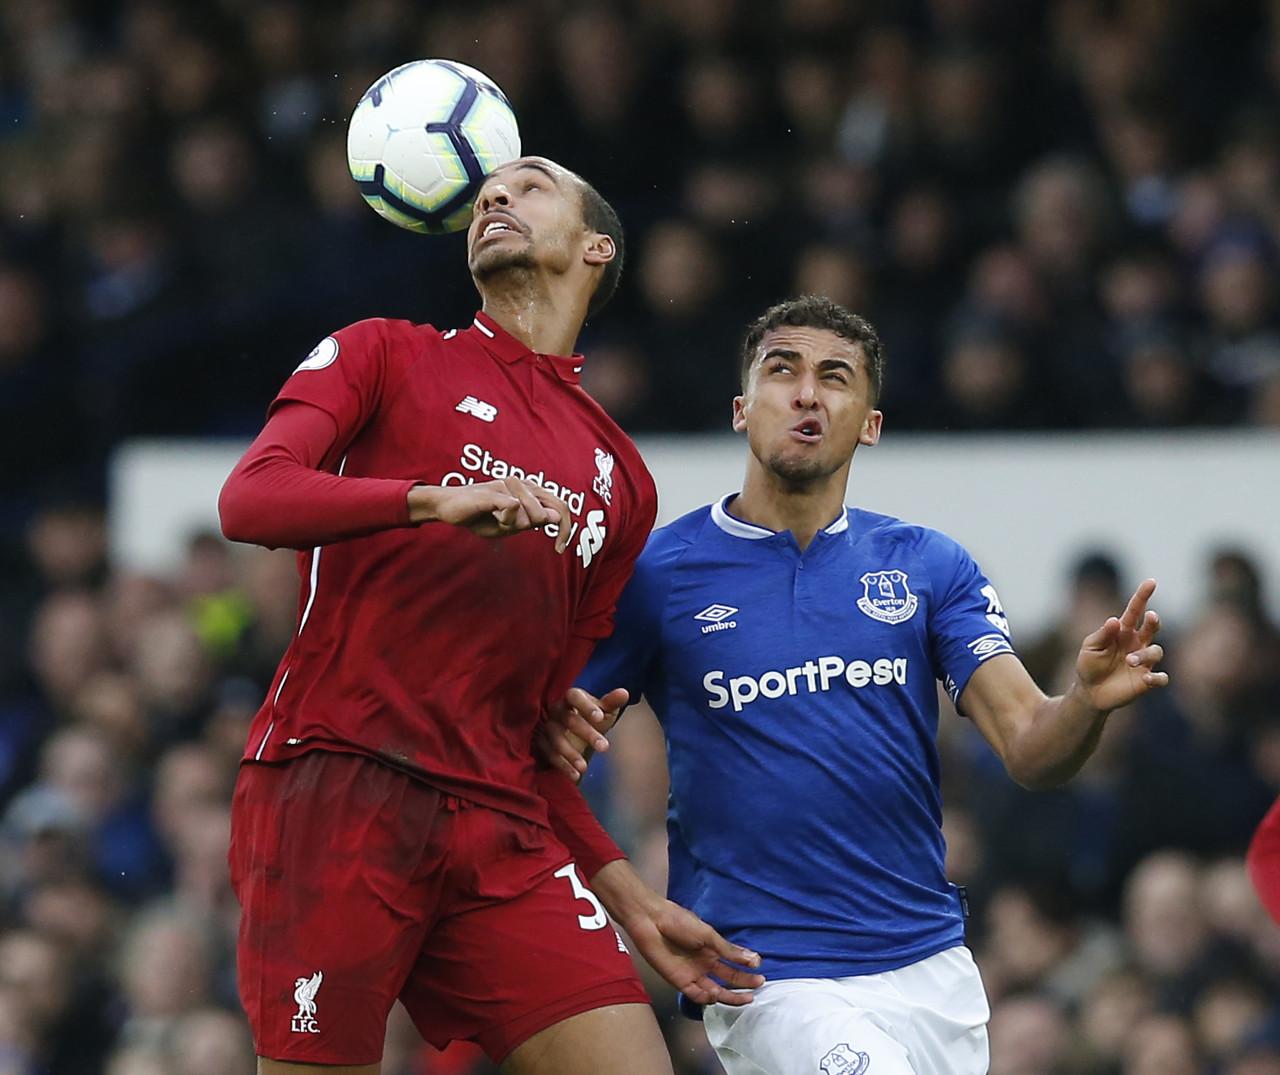 费迪南德:假设利物浦冬窗不引进中卫,或许很难去抢夺冠军